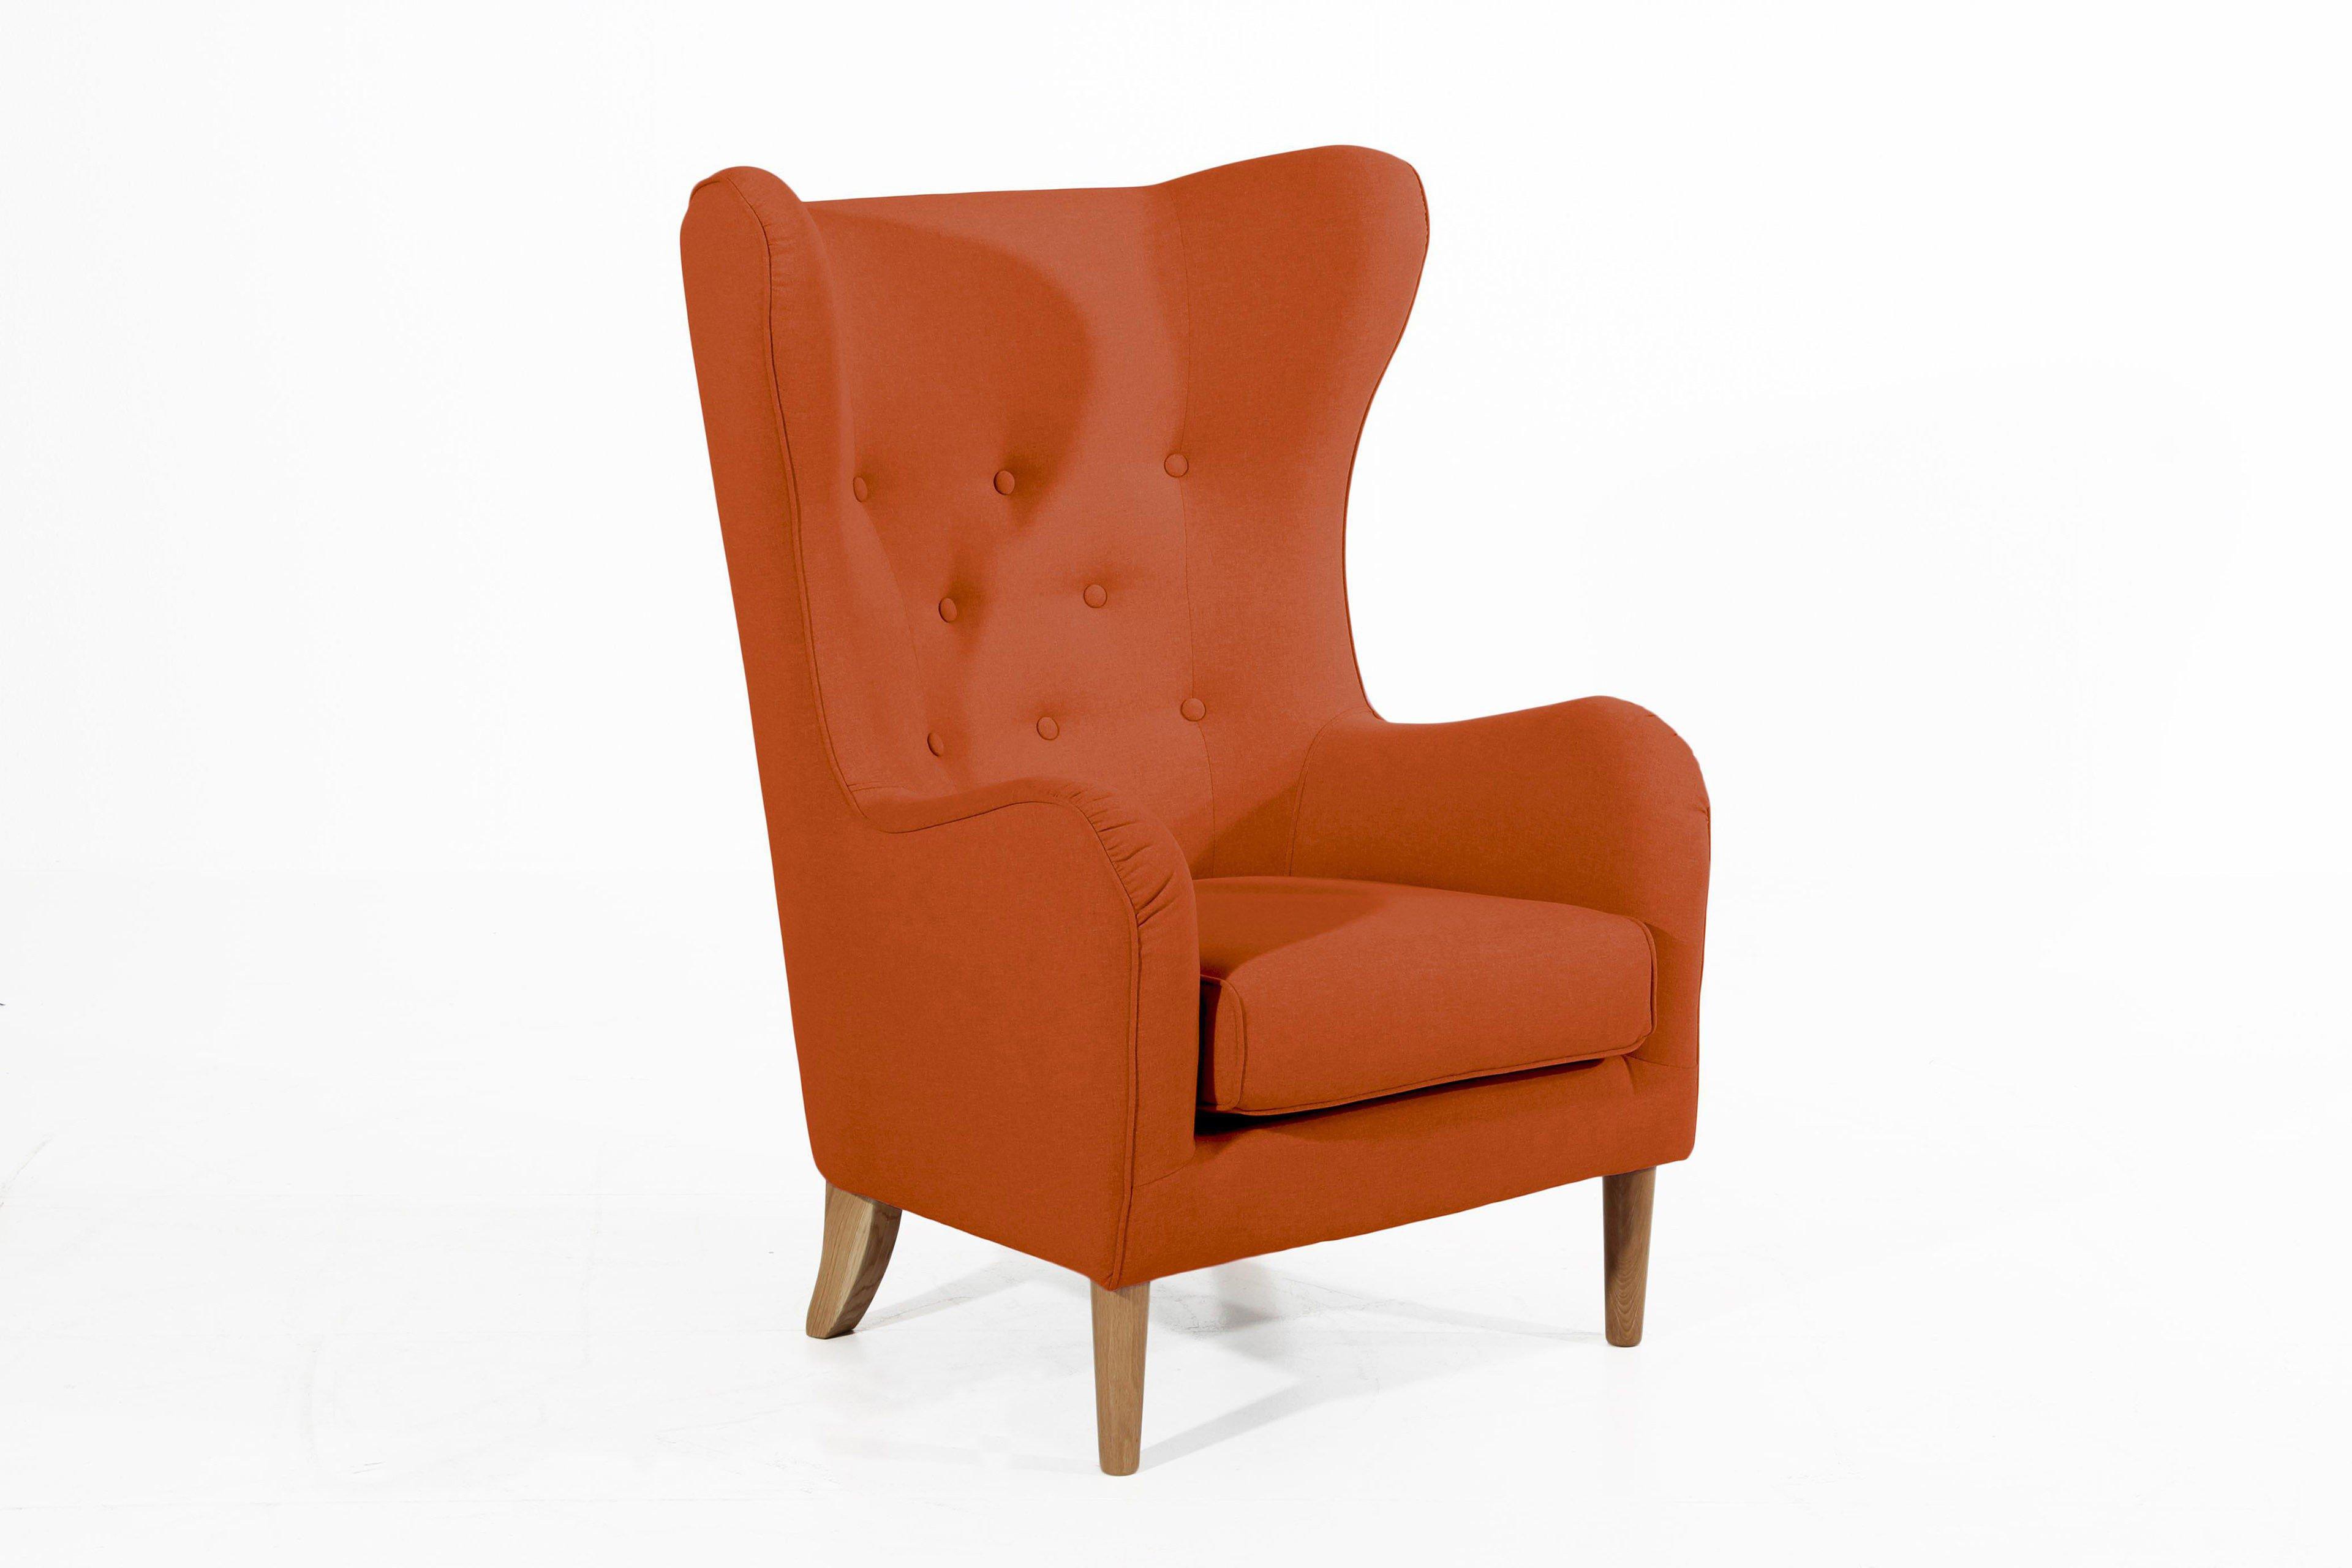 max winzer miriam sessel in orange m bel letz ihr online shop. Black Bedroom Furniture Sets. Home Design Ideas